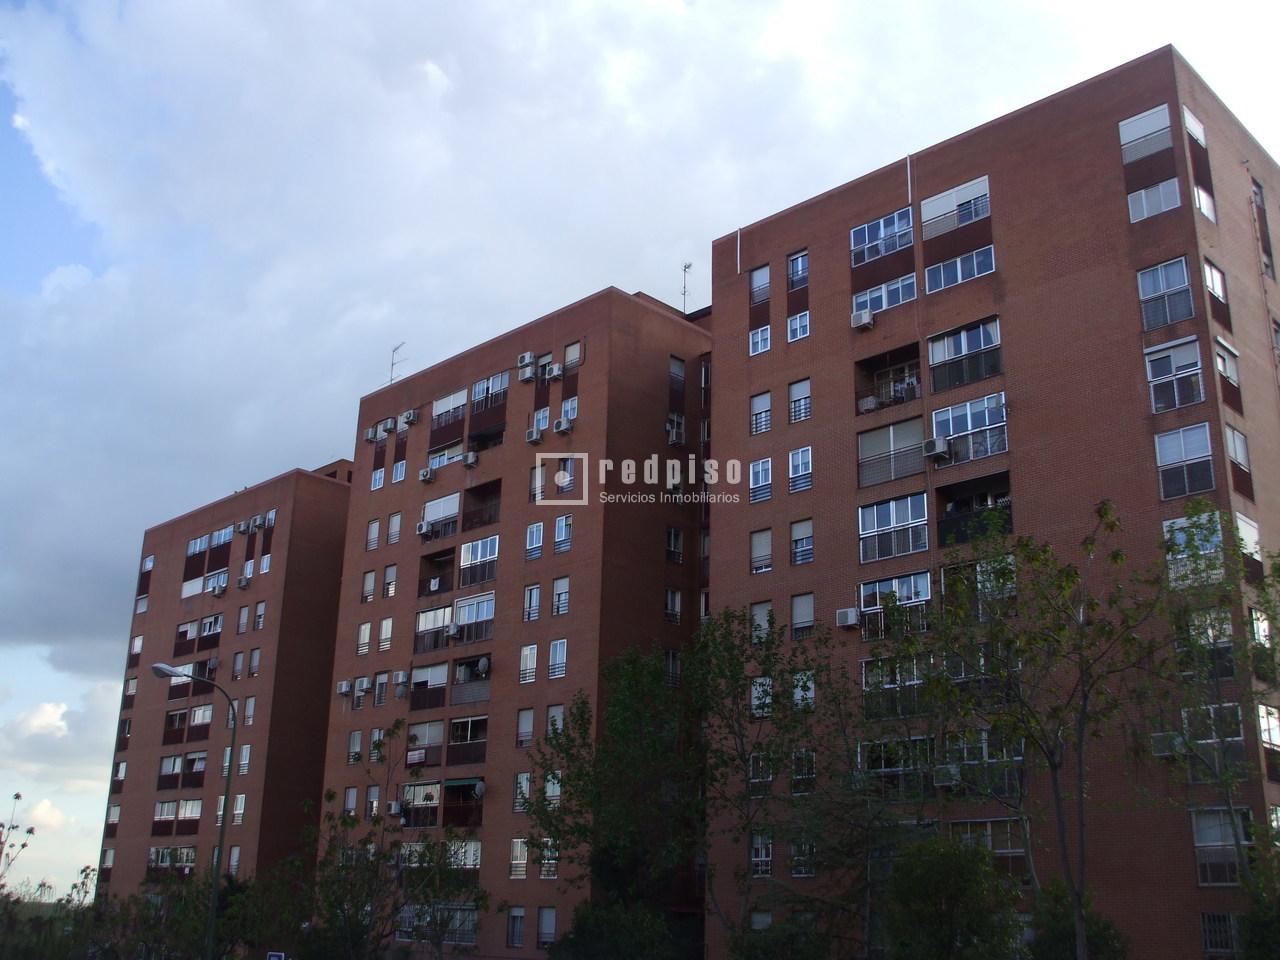 Local comercial en alquiler en palomeras sureste puente de vallecas madrid madrid rp13201842527 - Alquiler de pisos baratos en puente de vallecas madrid ...